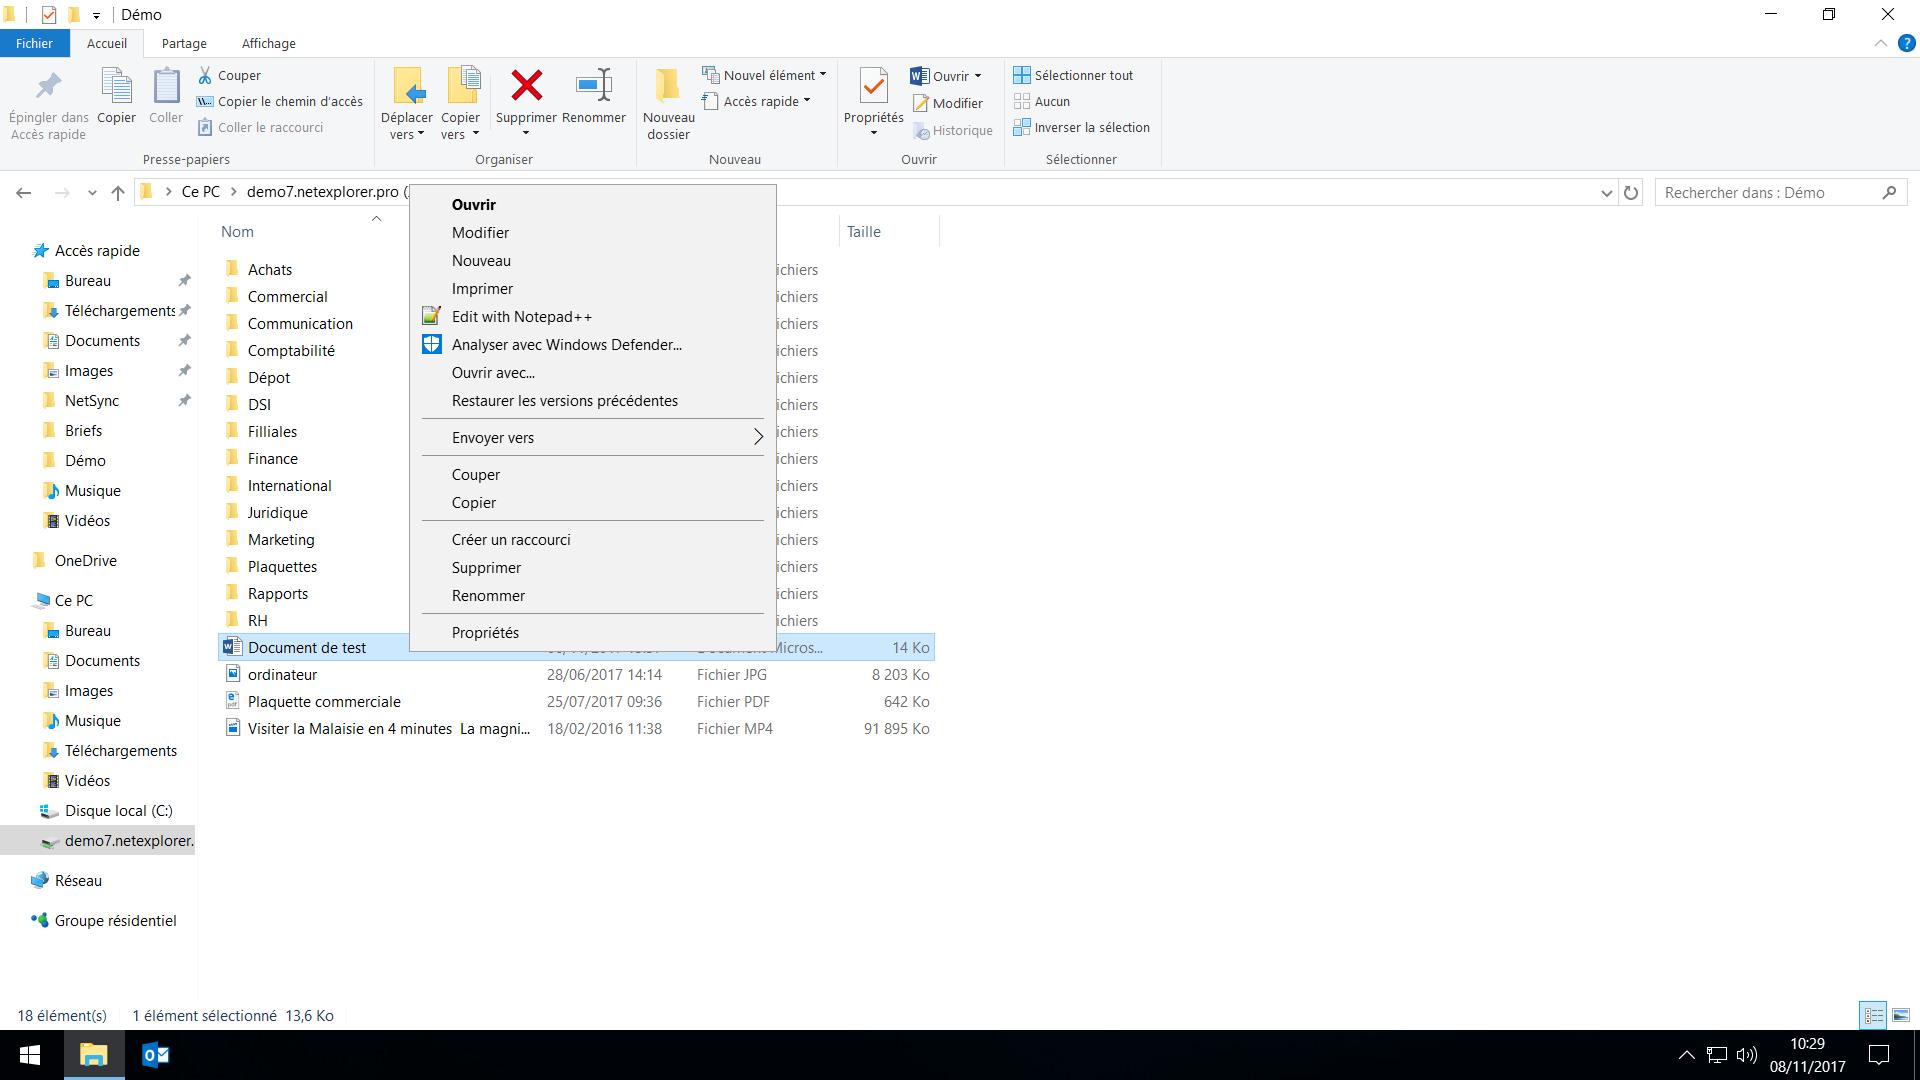 Assistant de connexion en lecteur réseau. Vous pouvez ainsi connecter votre plateforme en disque réseau et accéder à tous vos documents rapidement et en toute simplicité depuis votre poste de travail.